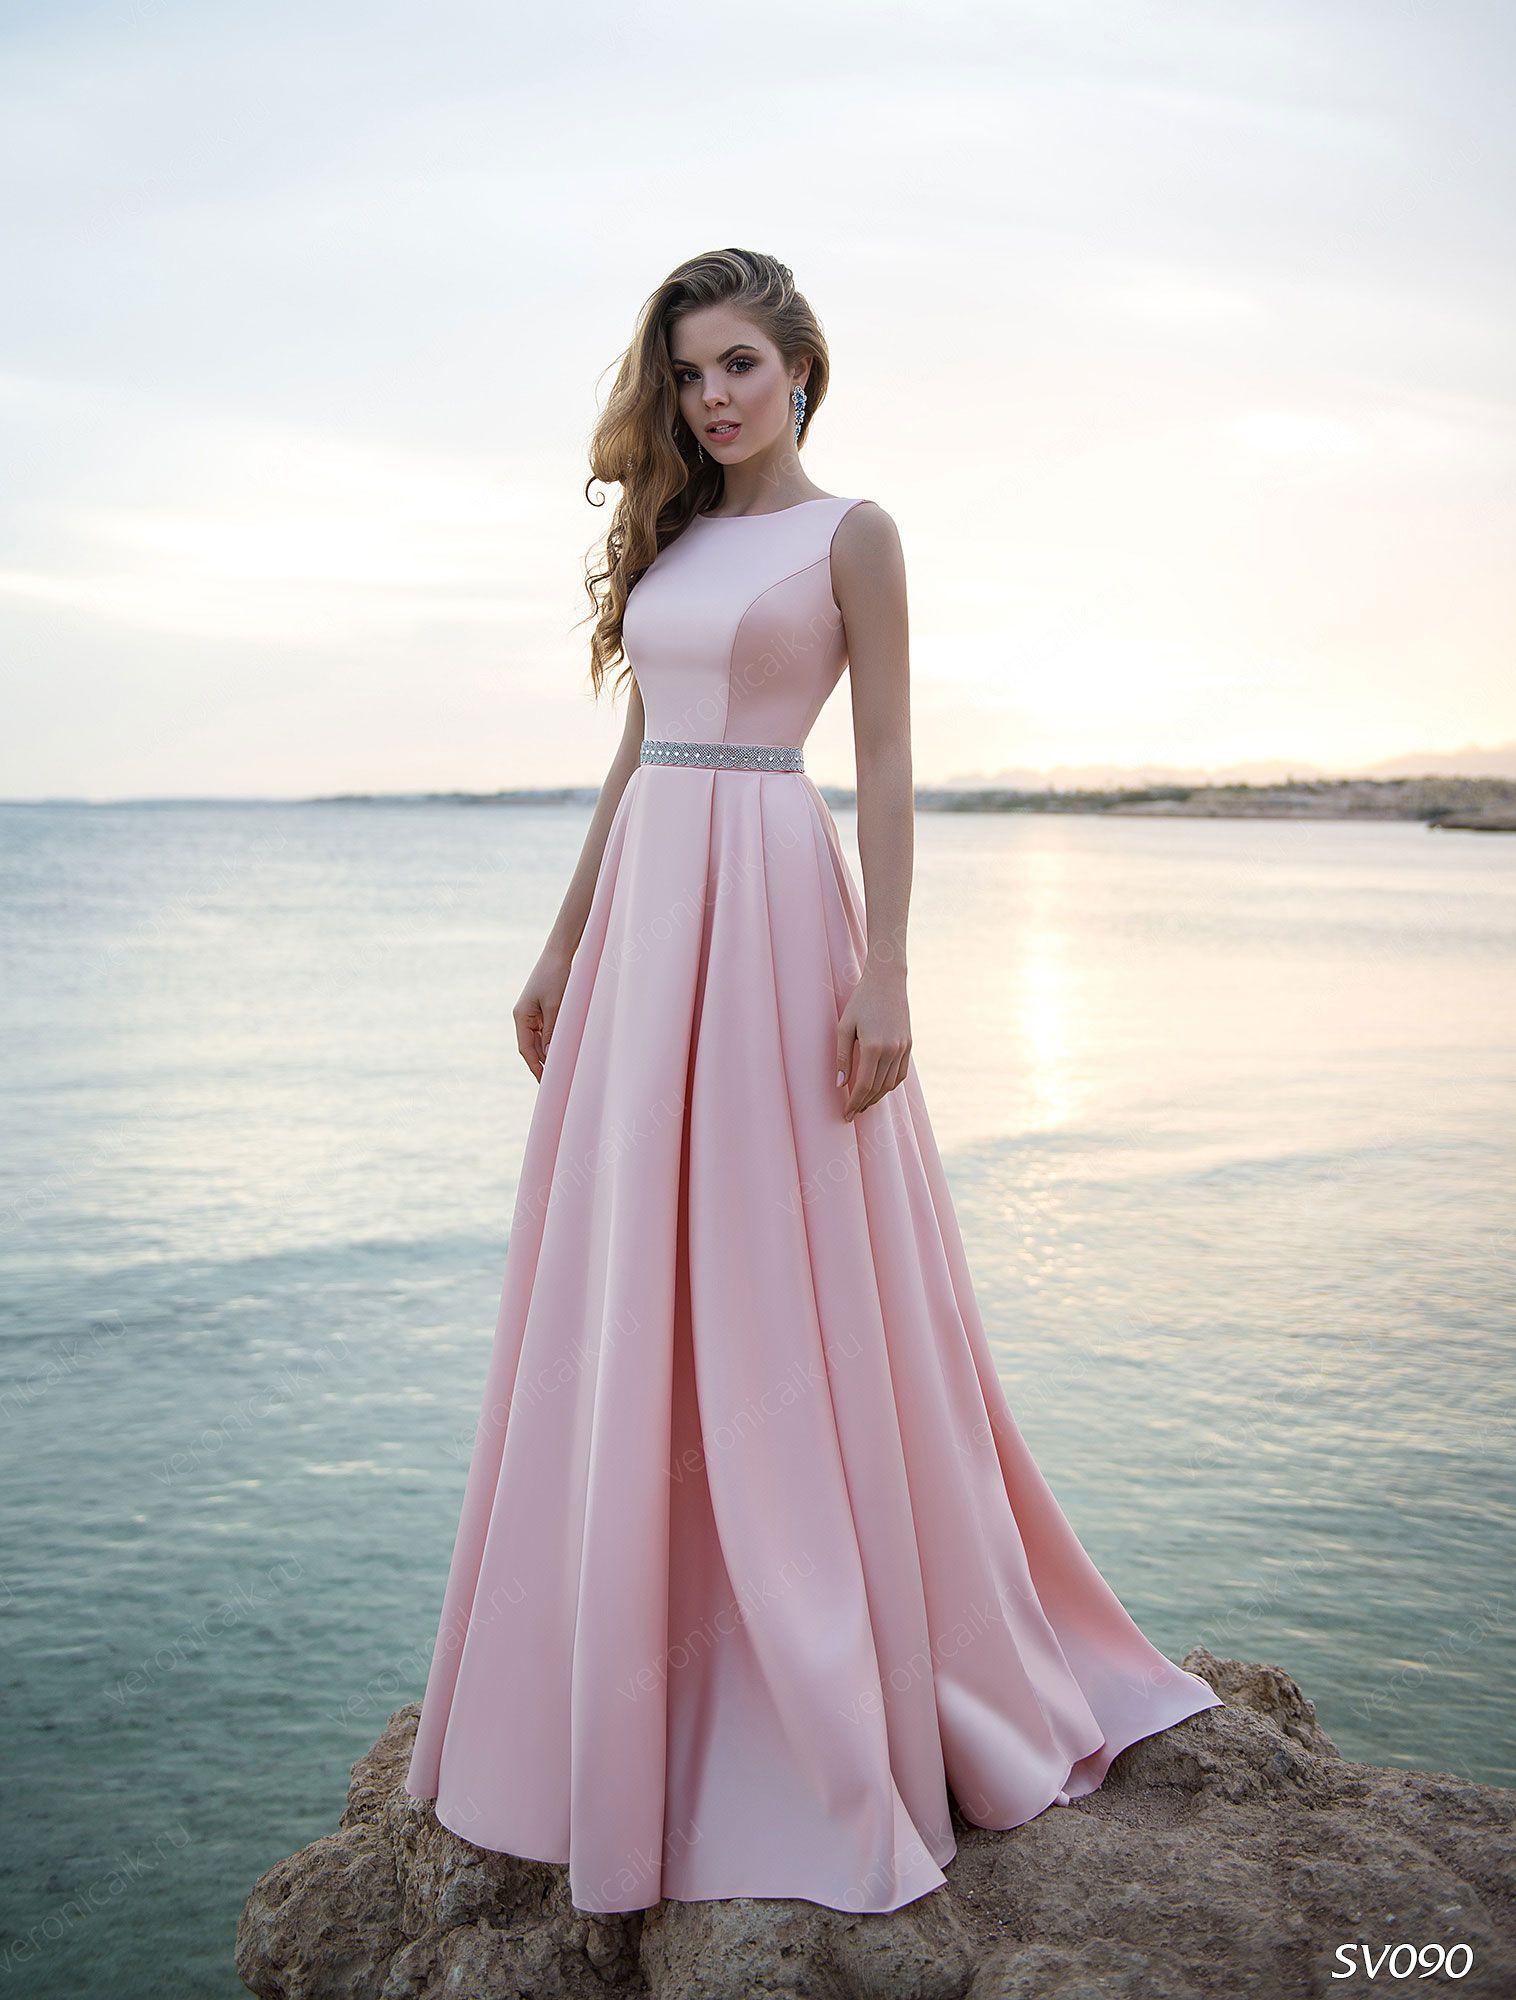 6e1ebd712bf производители платьев платья оптом от производителя свадебный опт купить  платья оптом свадебные платья оптом оптом свадебные